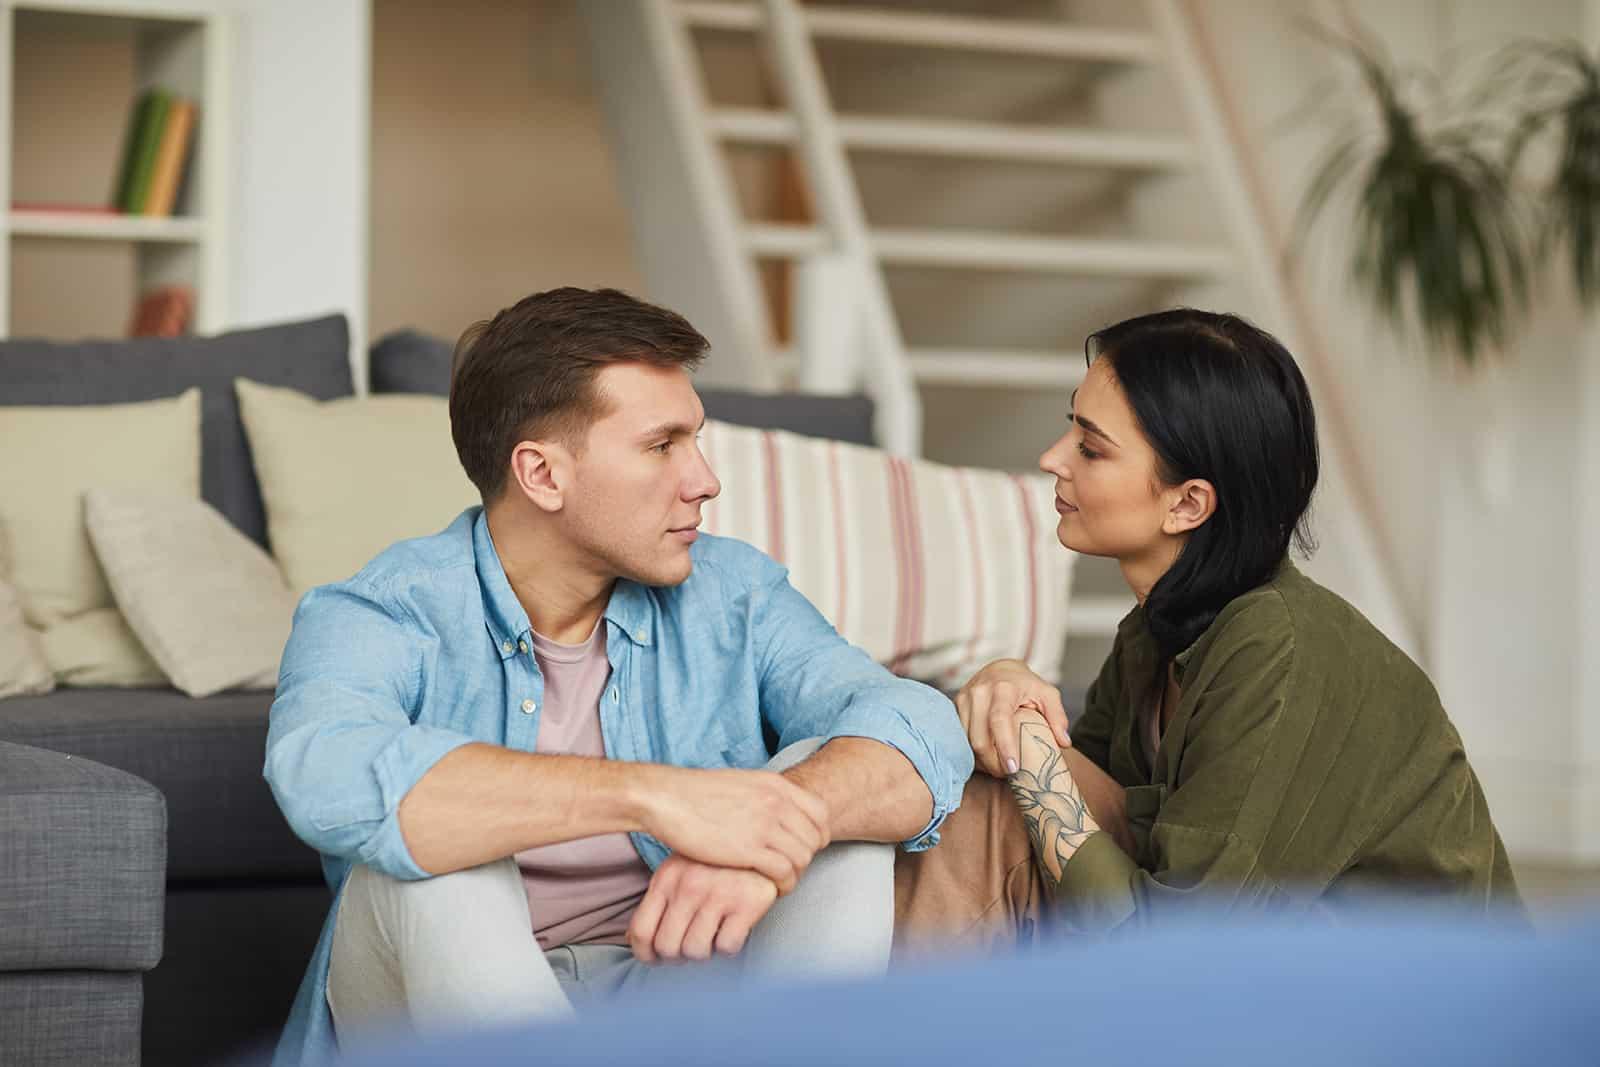 eine Frau, die ihrem Freund aufmerksam zuhört, während sie zusammen auf dem Boden sitzt